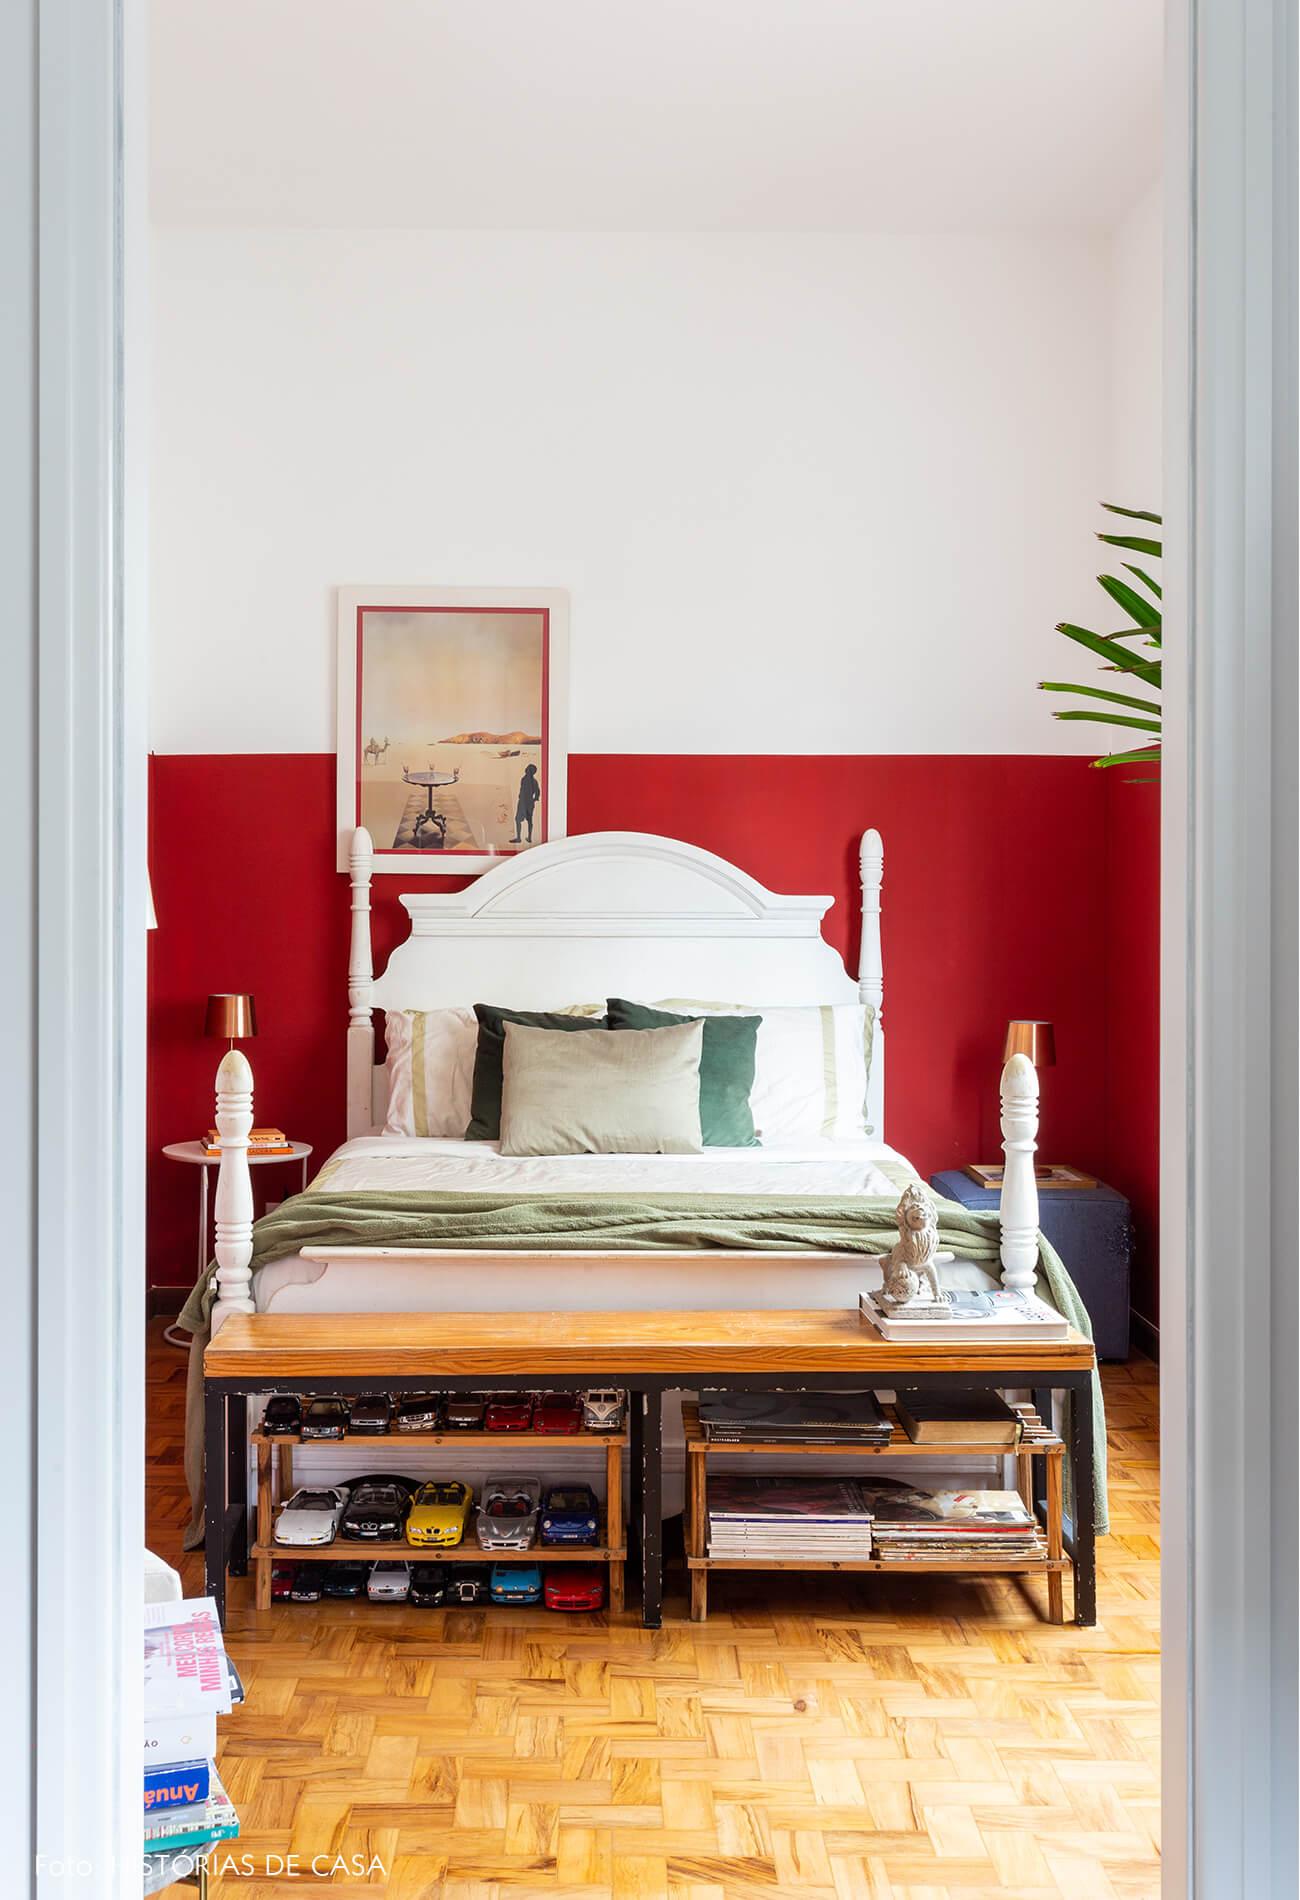 decoração quarto com meia parede vermelha e banco de madeira